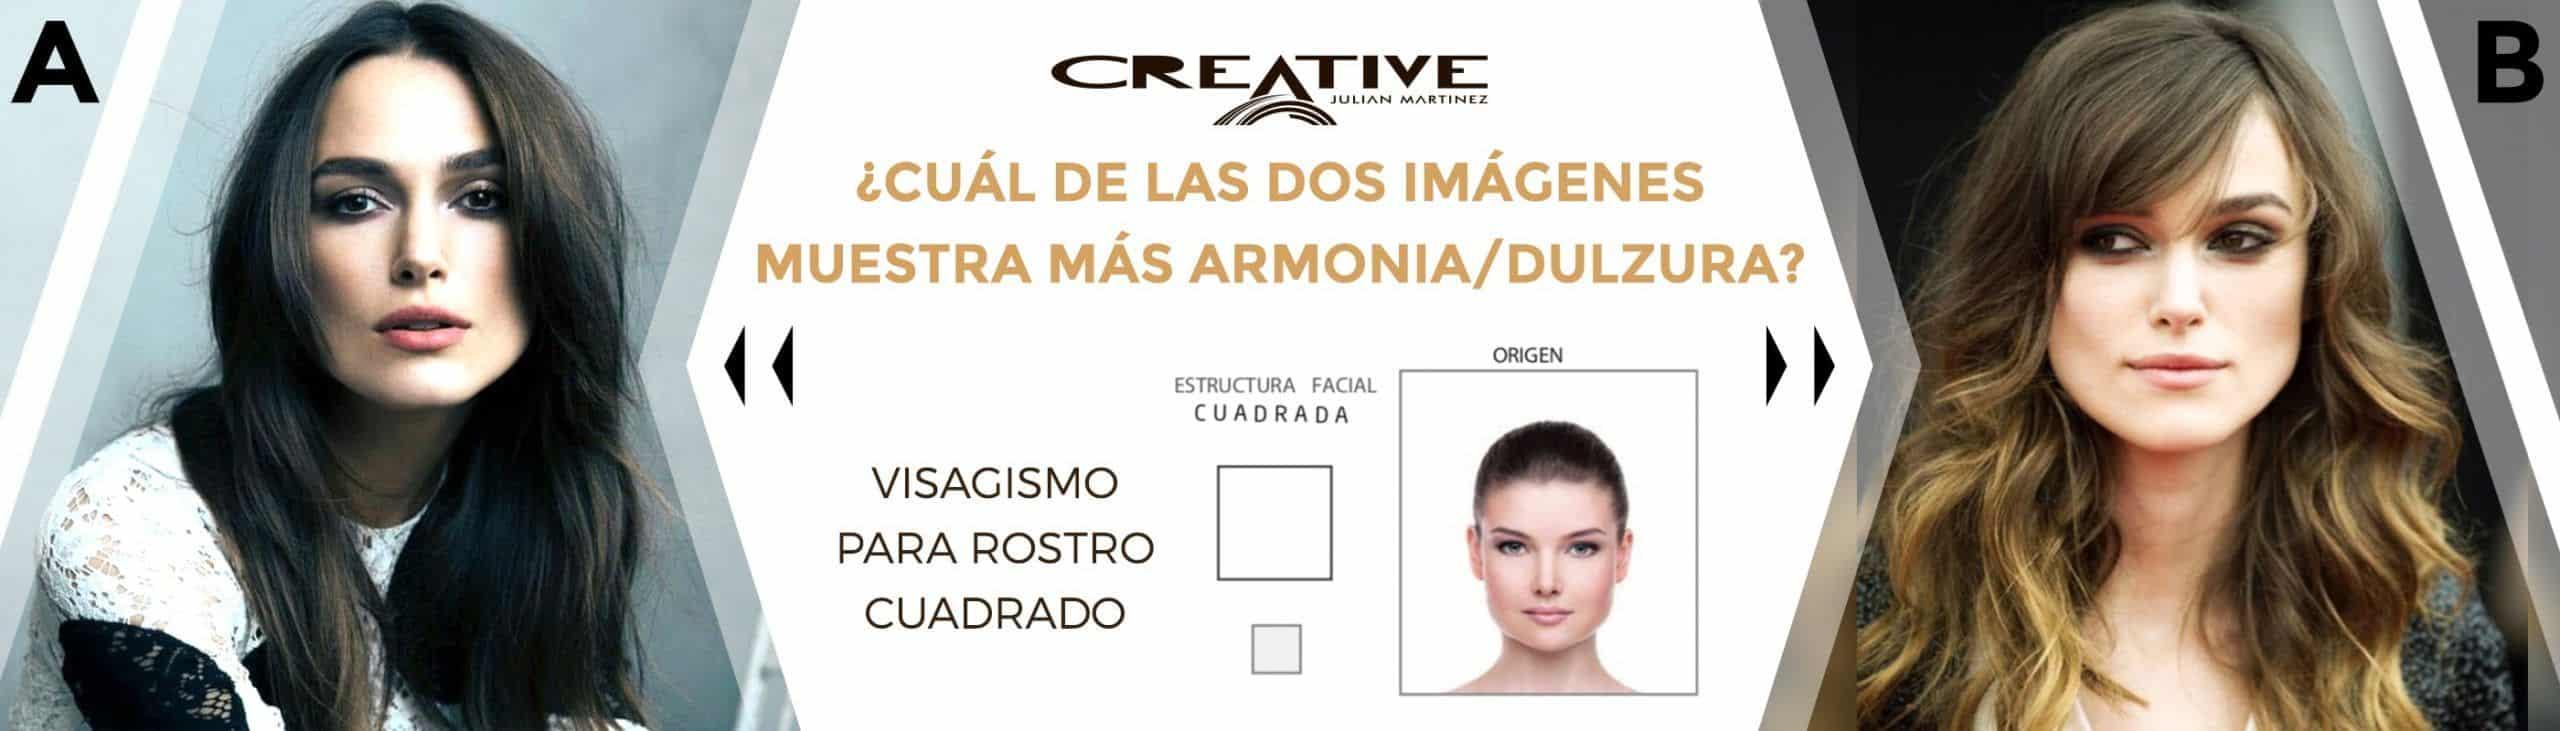 Ficha Visagismo Creative Estilistas Peluquería en Alicante